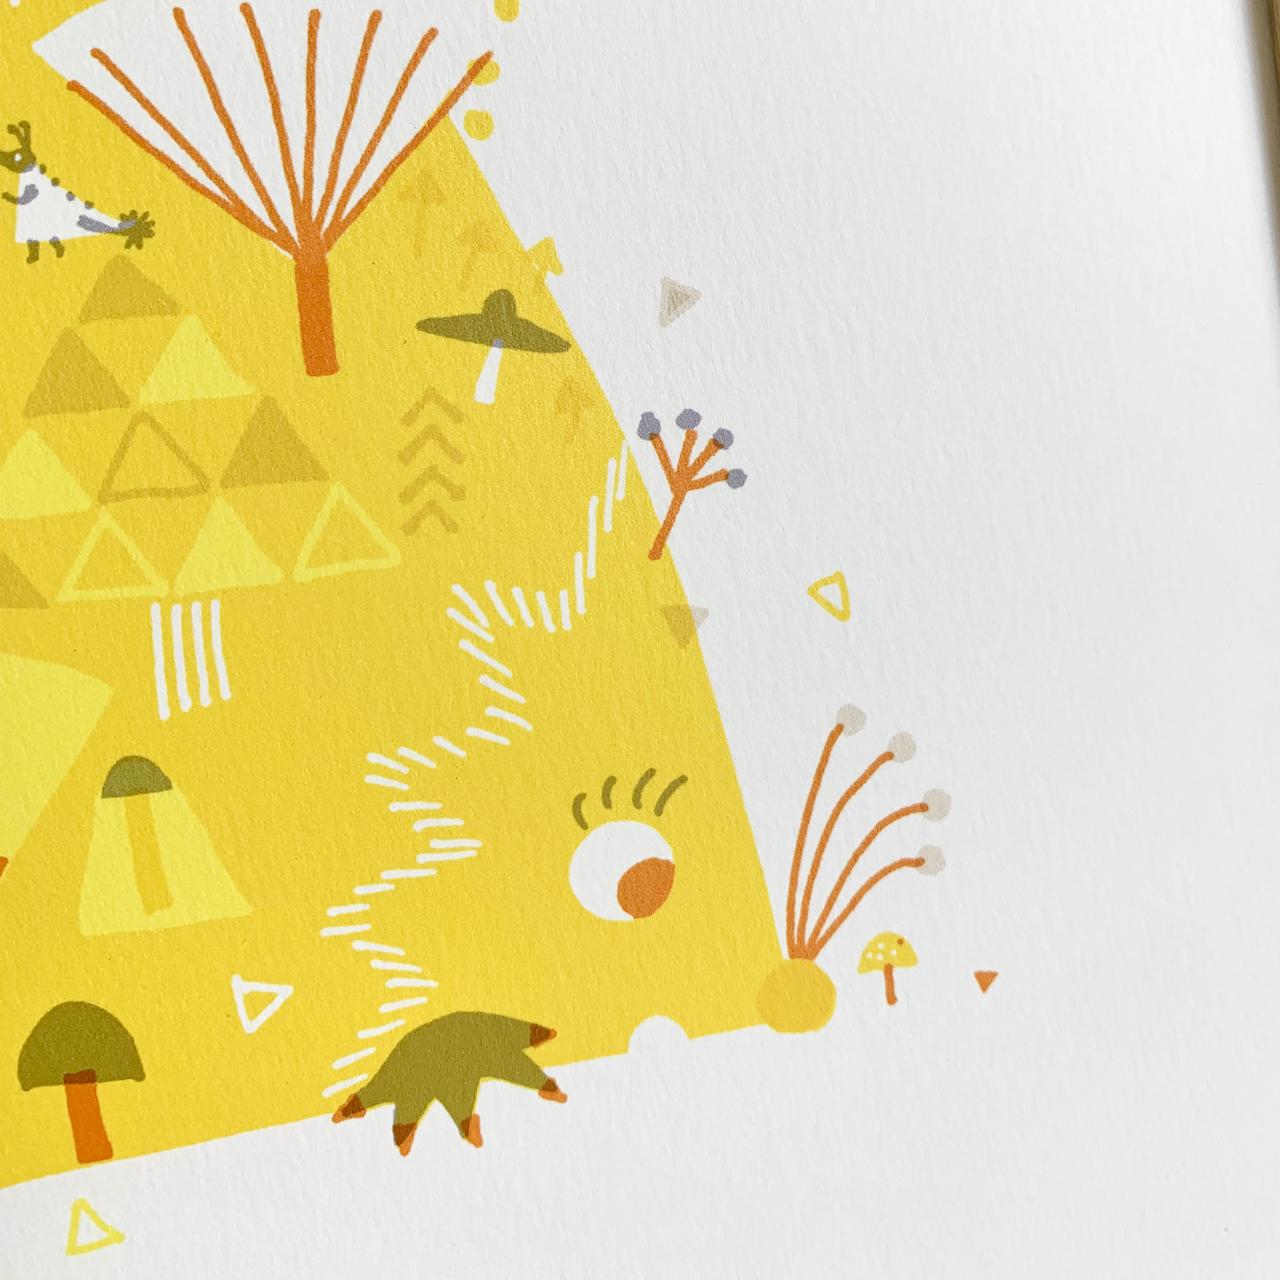 [インテリア]ハリネズミ山・秋